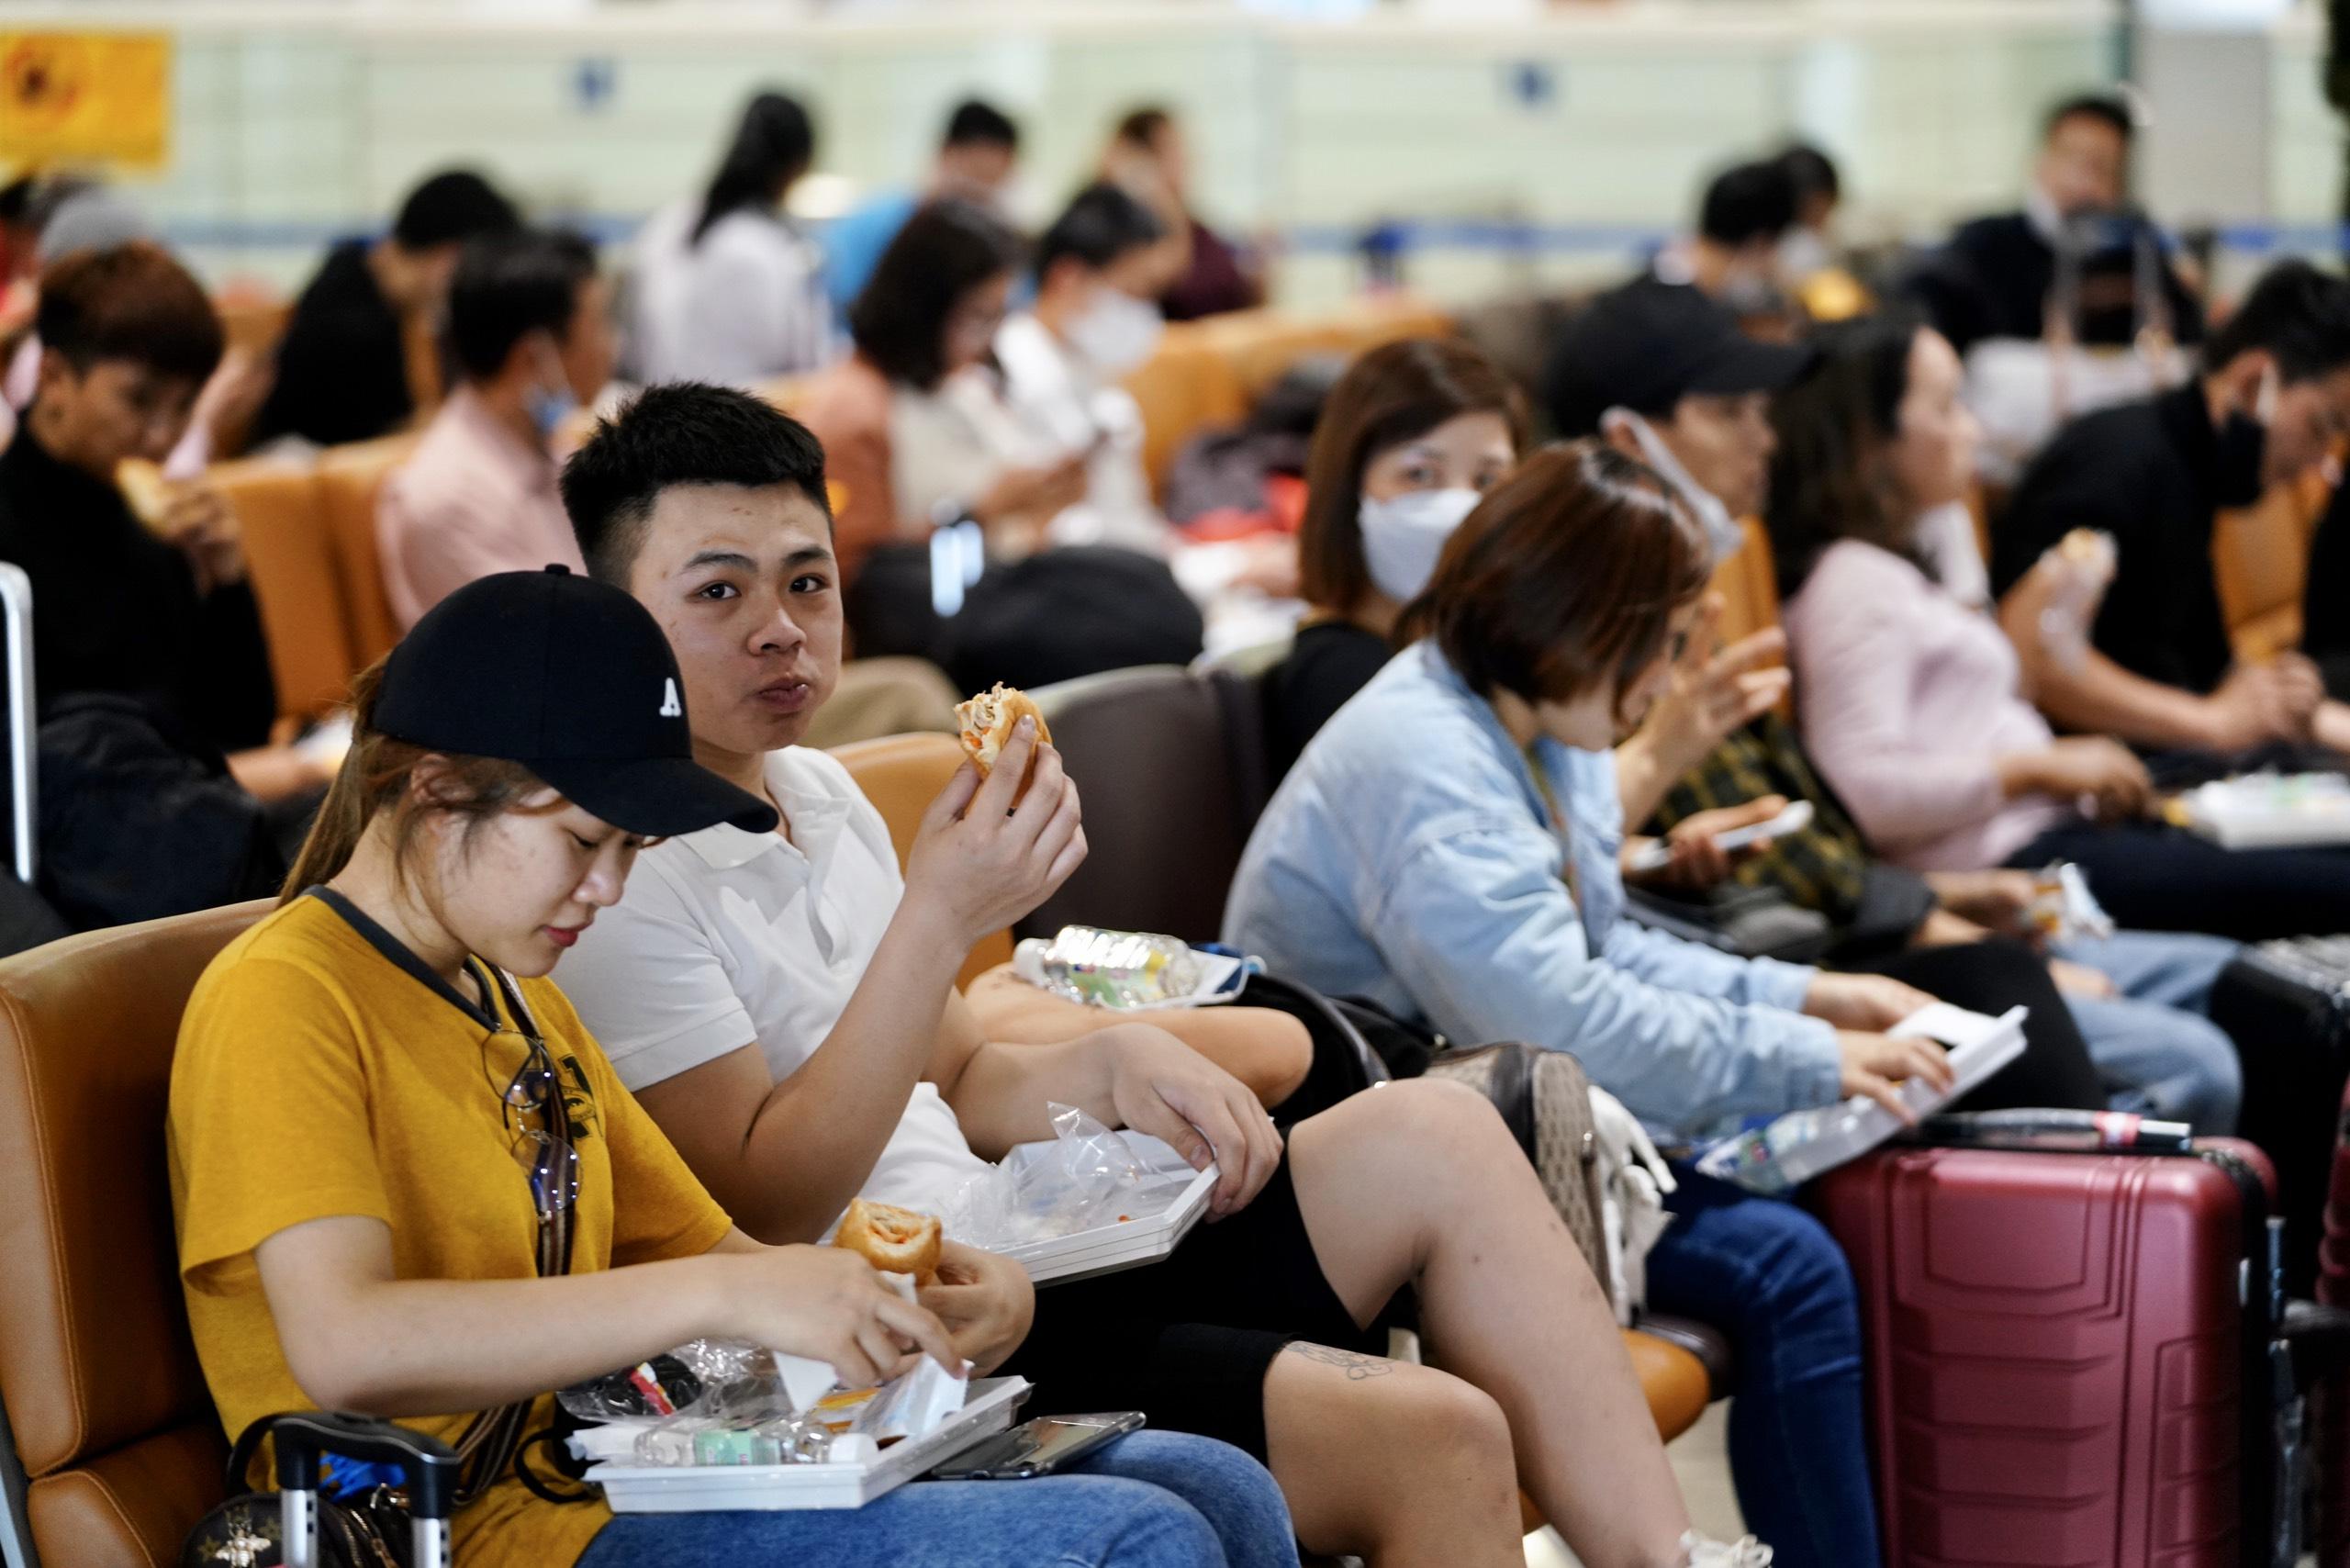 Phục vụ suất ăn miễn phí các chuyến bay từ Hàn Quốc về Việt Nam 17